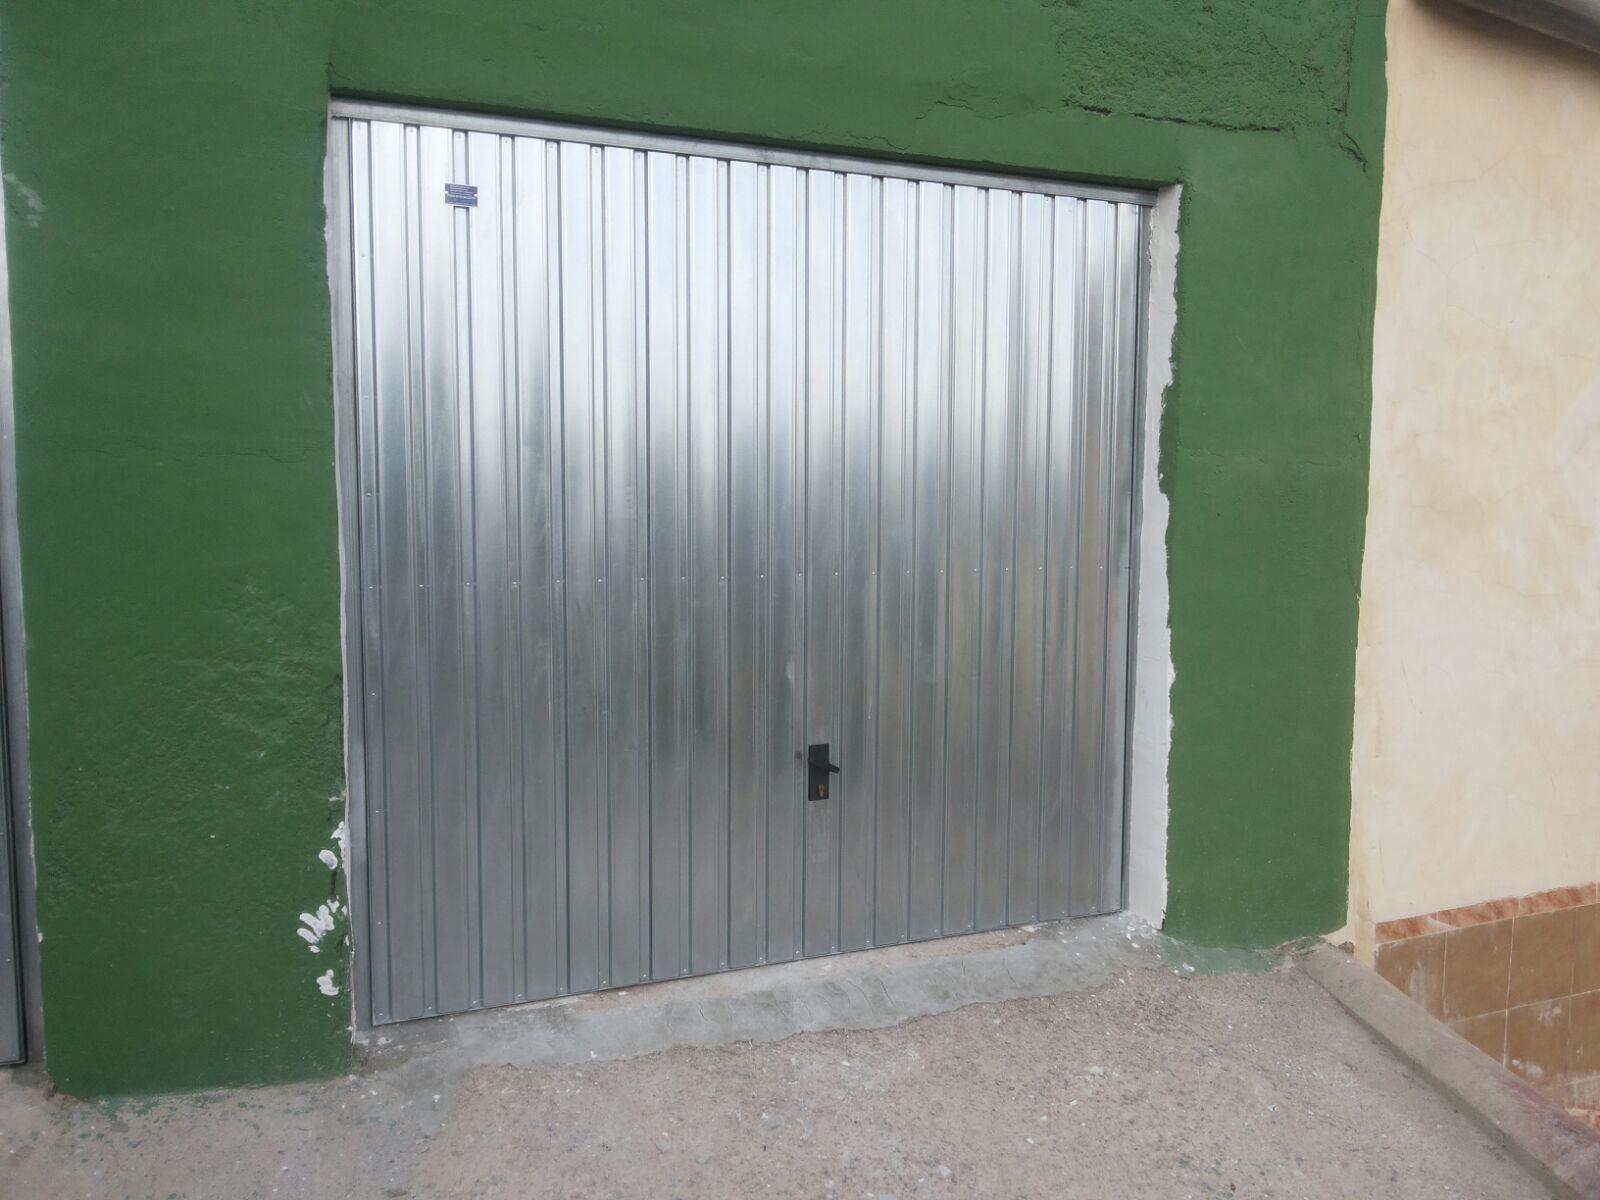 Tensar muelle puerta garaje excellent good comparte with - Muelles de puertas ...